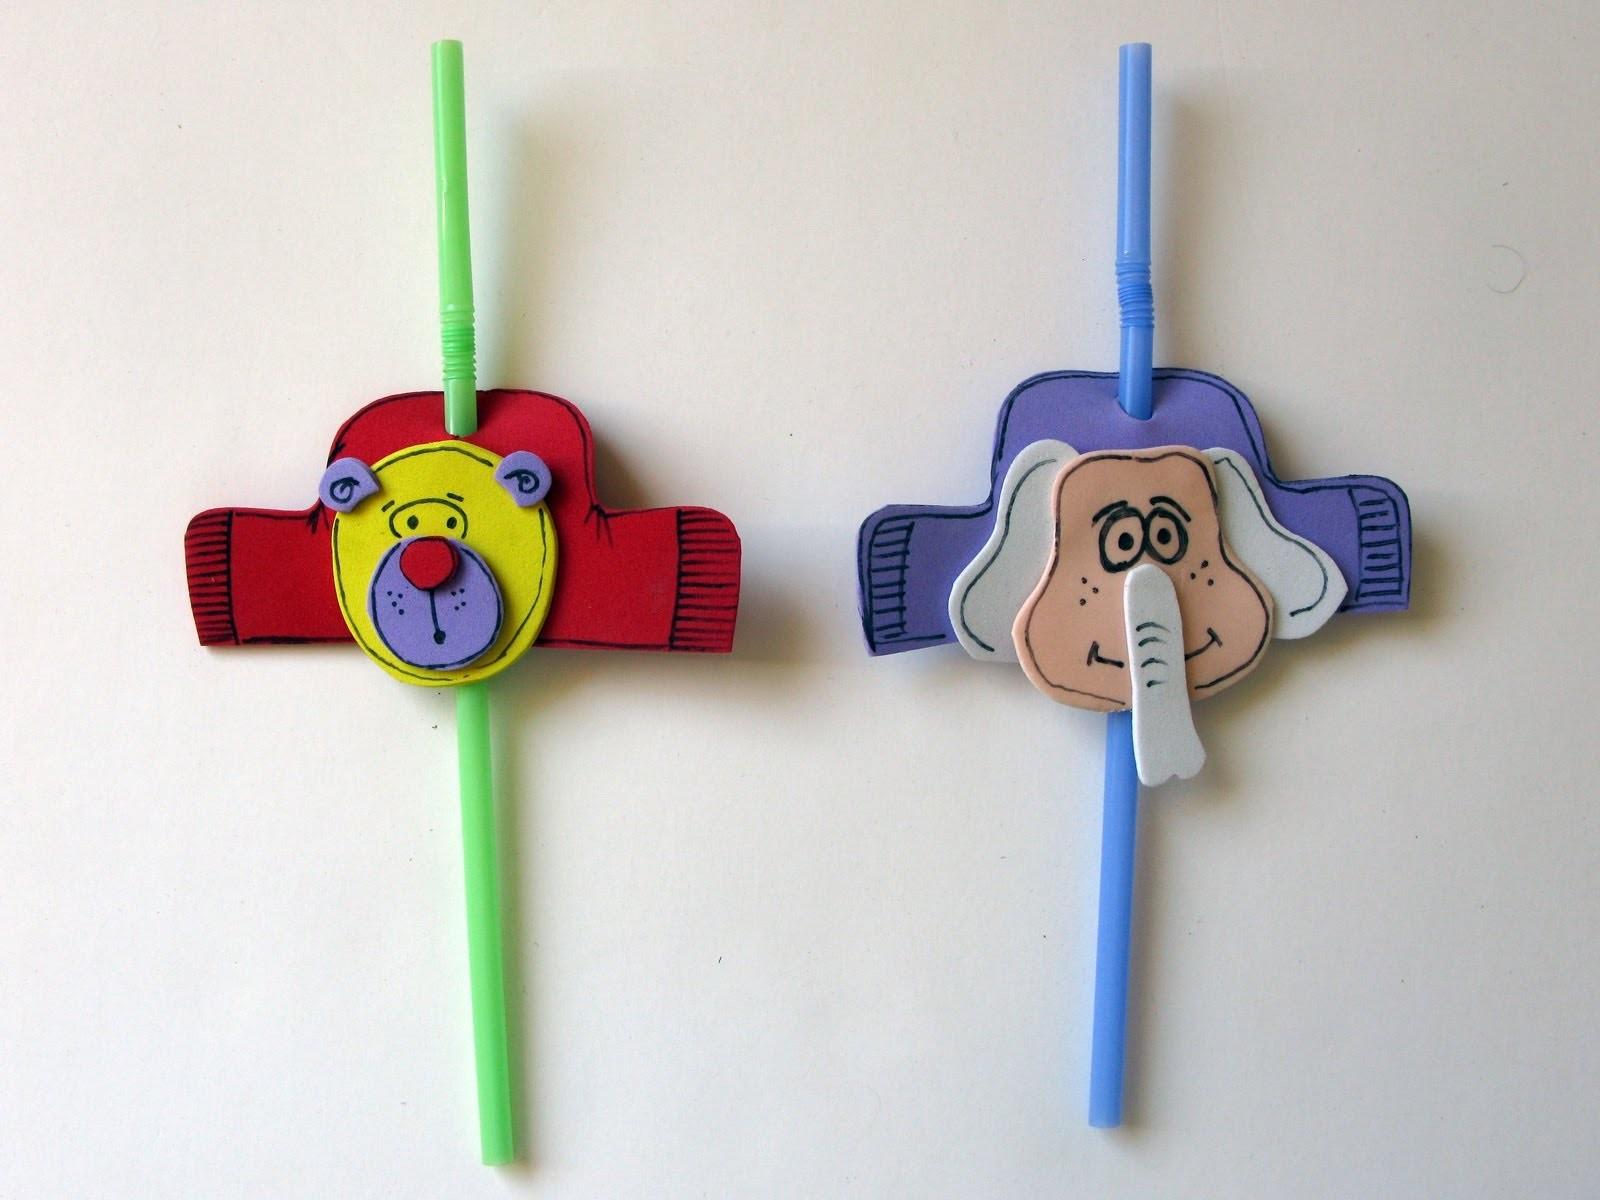 Decoracion de fiestas infantiles - sorbete personalizado - Manualidades para todos